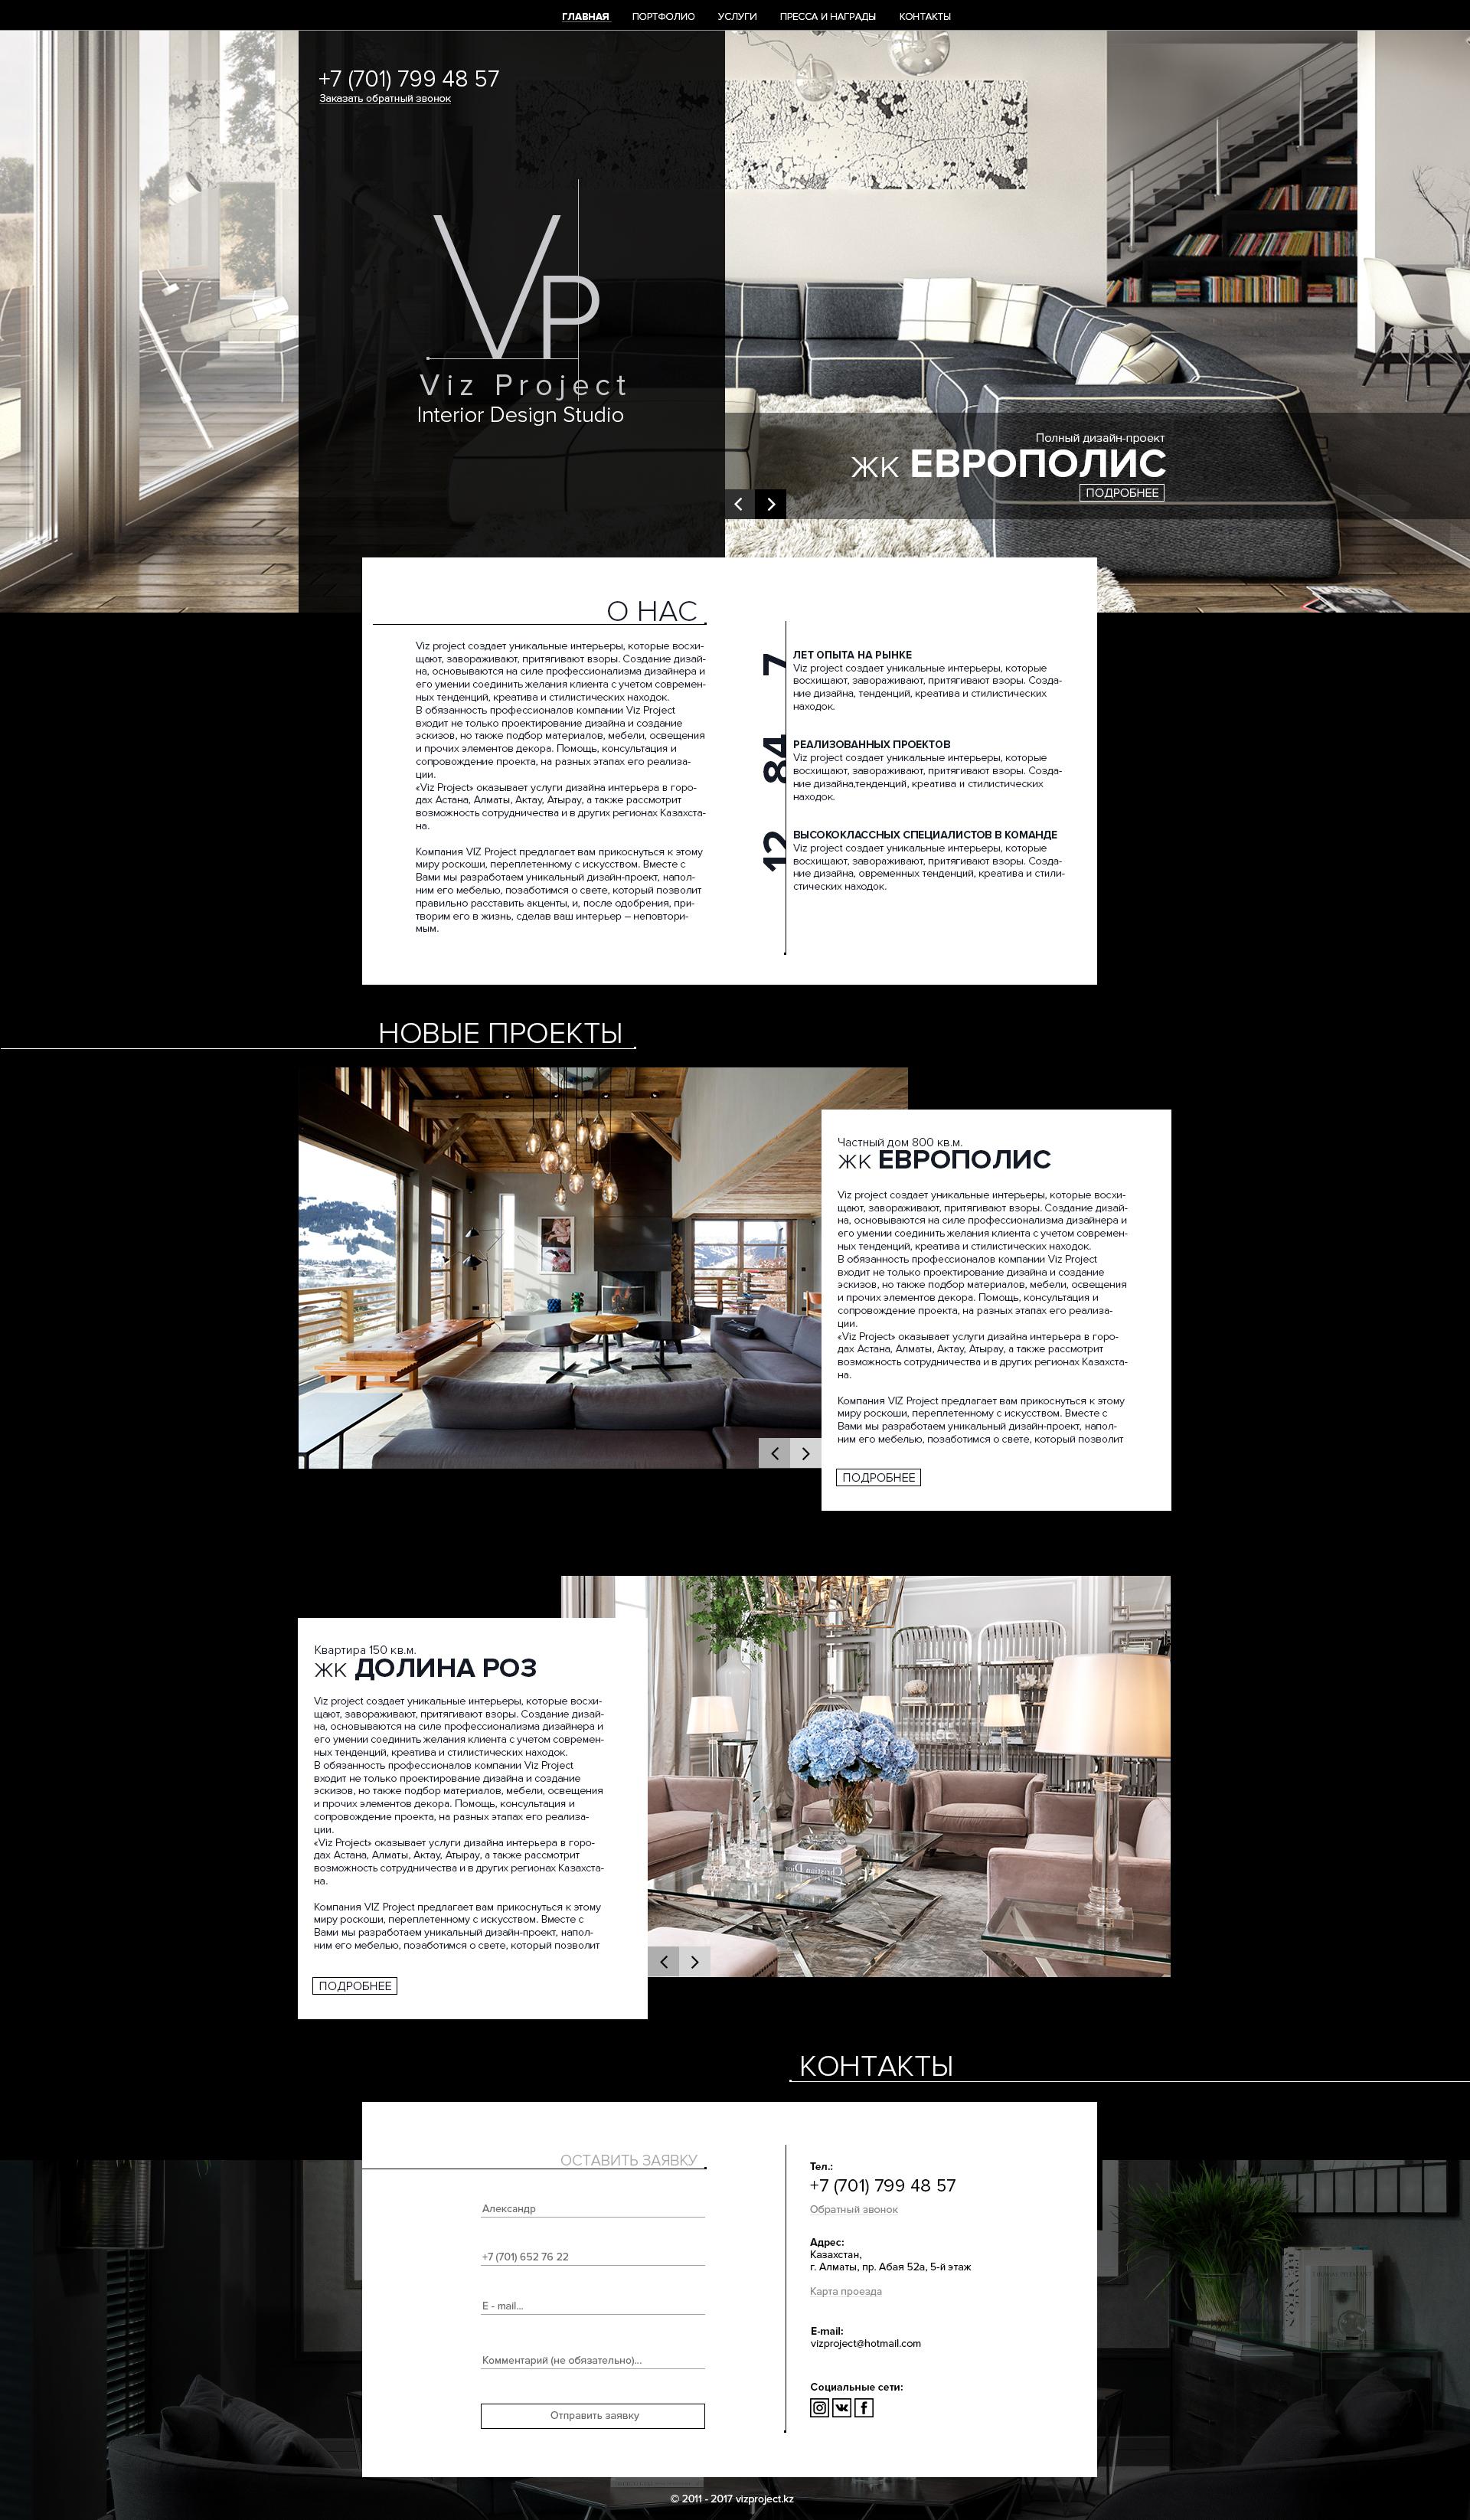 Дизайн сайта студии дизайна интерьера